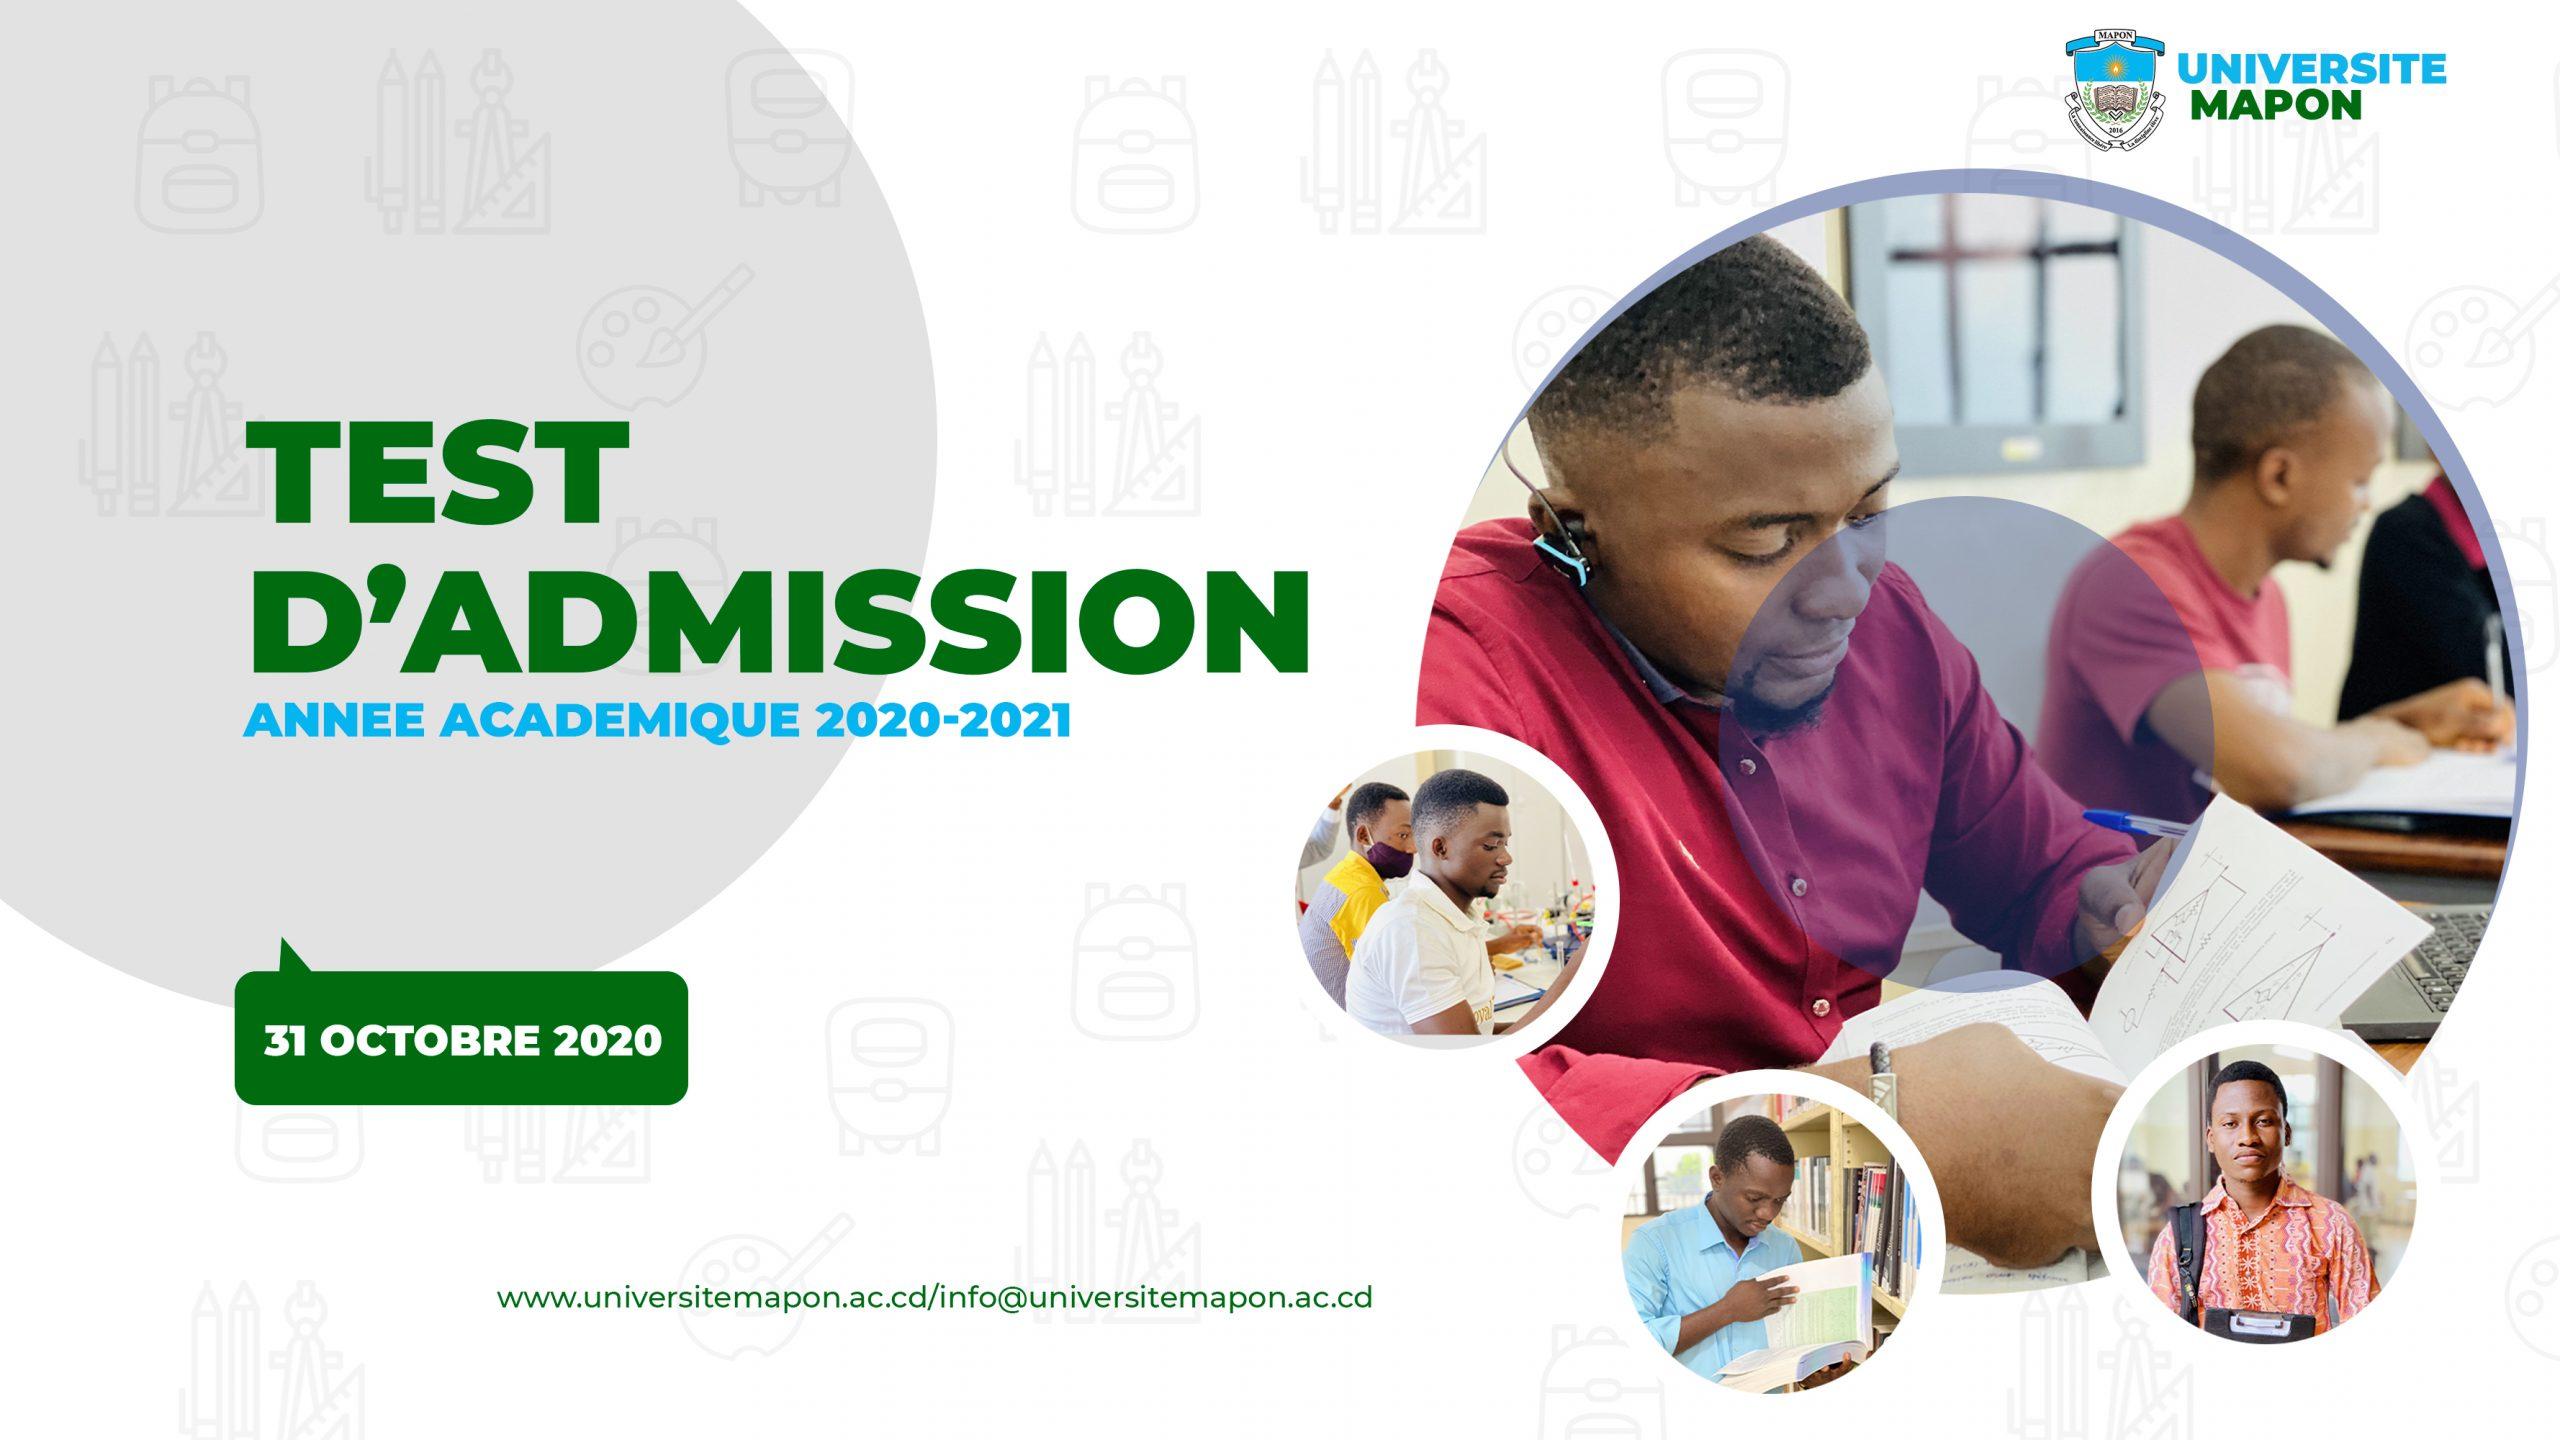 Organisation du concours d'admission  pour l'année académique 2020-2021